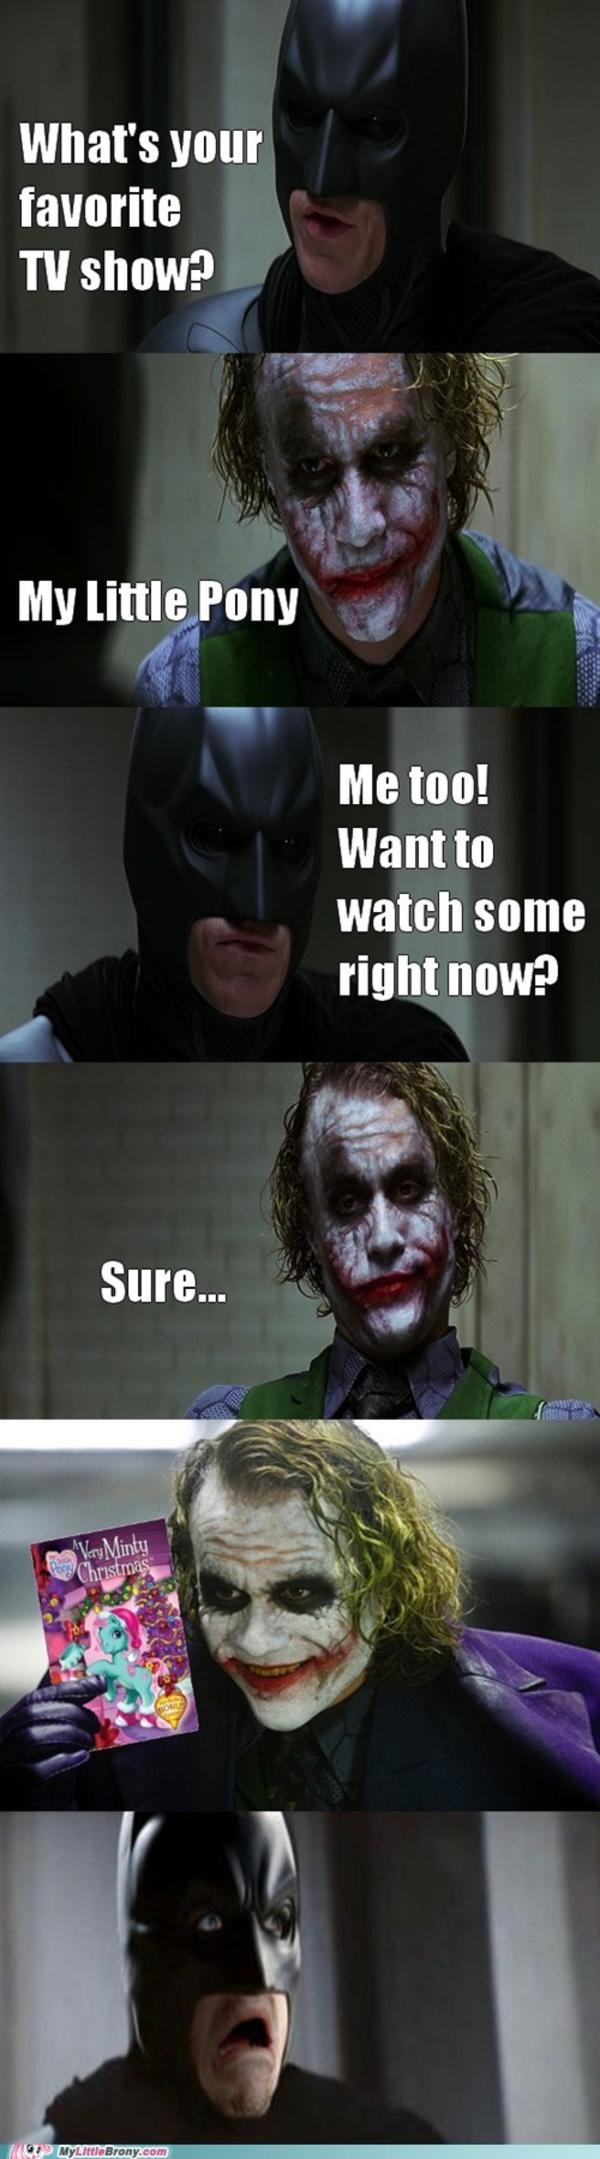 total joker face